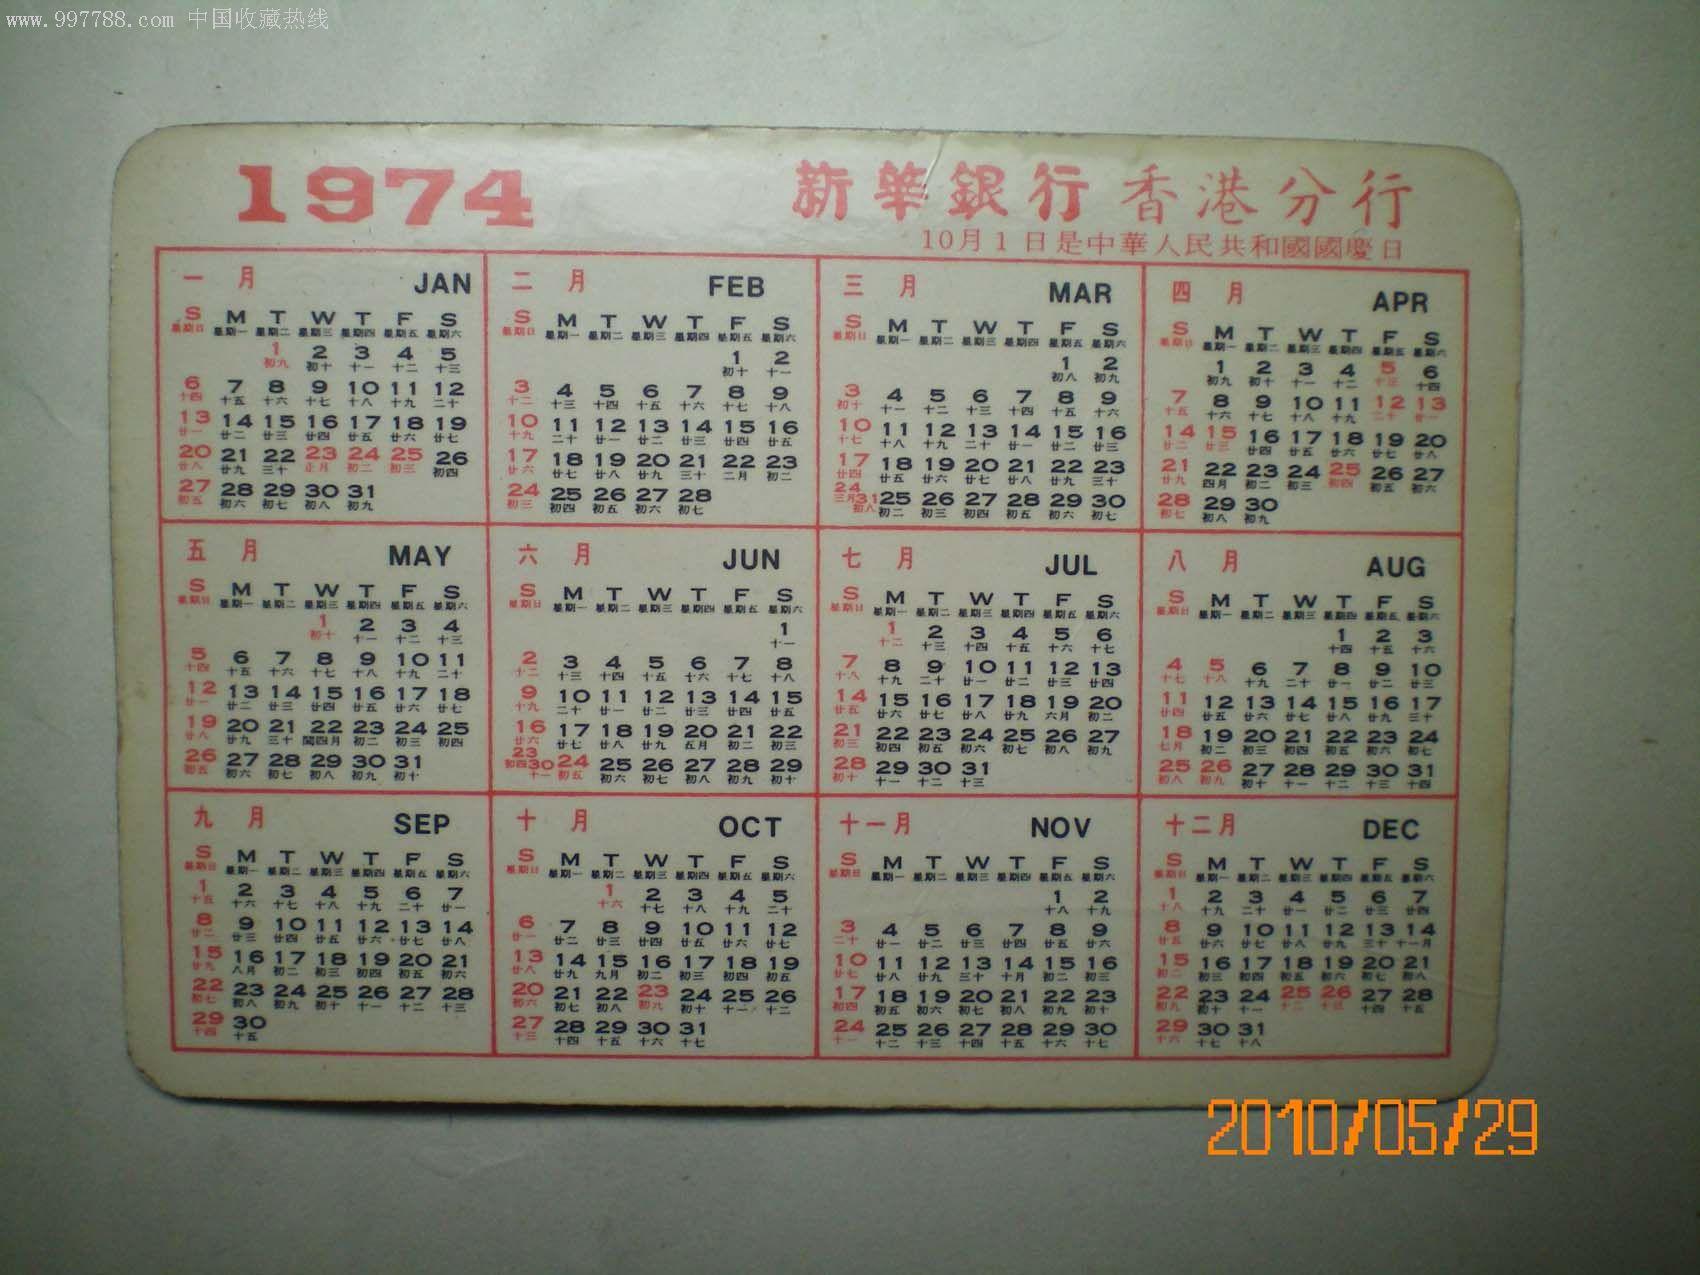 1974年新华银行香港分行年历片/车杂技图片